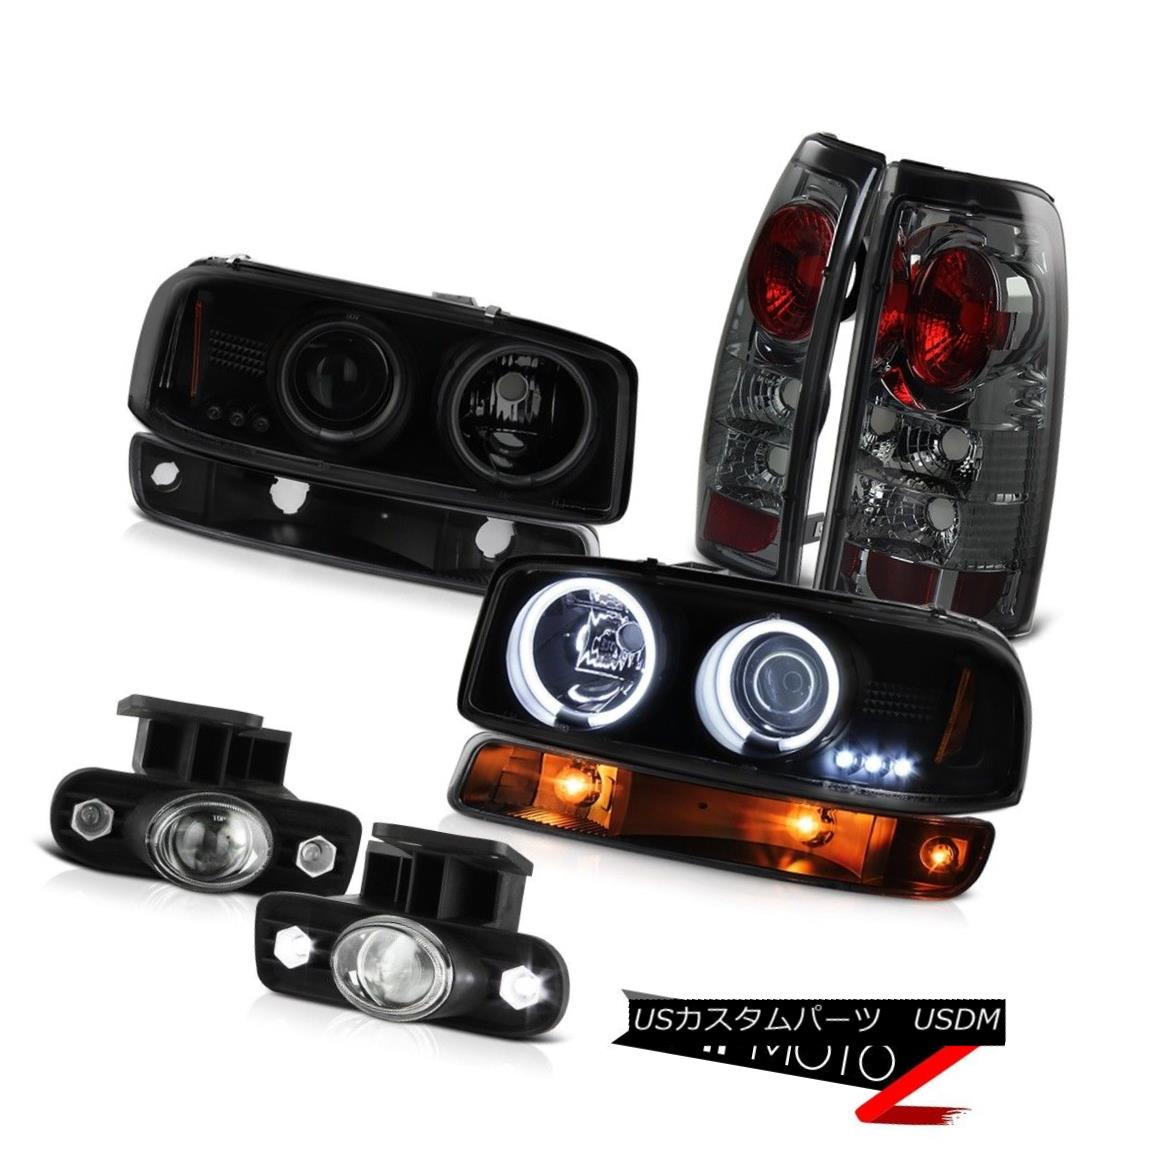 テールライト 99-02 Sierra WT Clear chrome fog lights tail brake parking light ccfl Headlights 99-02シエラWTクリアクロムフォグライトテールブレーキパーキングライトccflヘッドライト